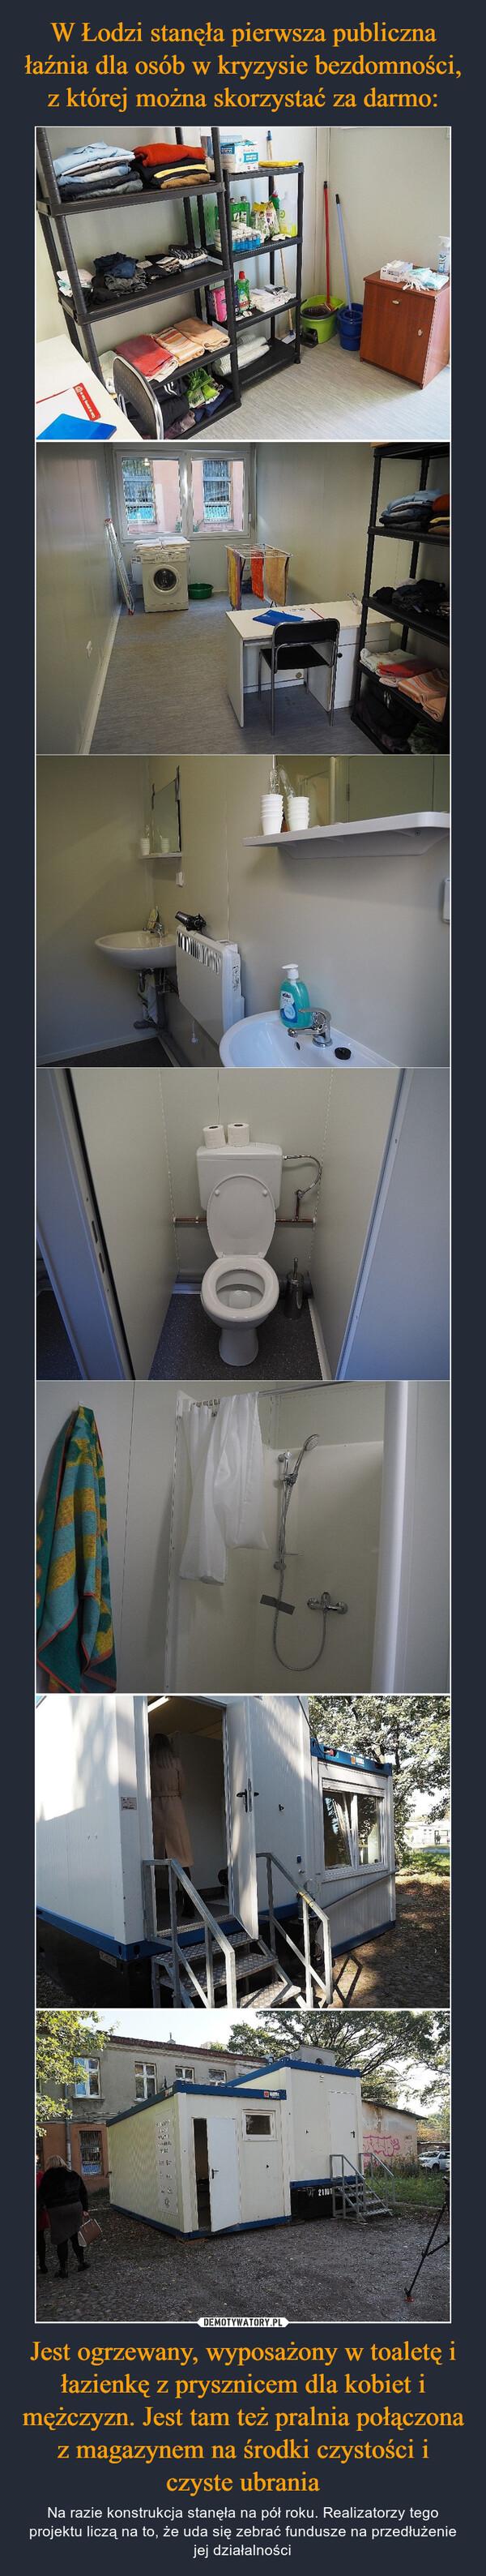 Jest ogrzewany, wyposażony w toaletę i łazienkę z prysznicem dla kobiet i mężczyzn. Jest tam też pralnia połączona z magazynem na środki czystości i czyste ubrania – Na razie konstrukcja stanęła na pół roku. Realizatorzy tego projektu liczą na to, że uda się zebrać fundusze na przedłużenie jej działalności